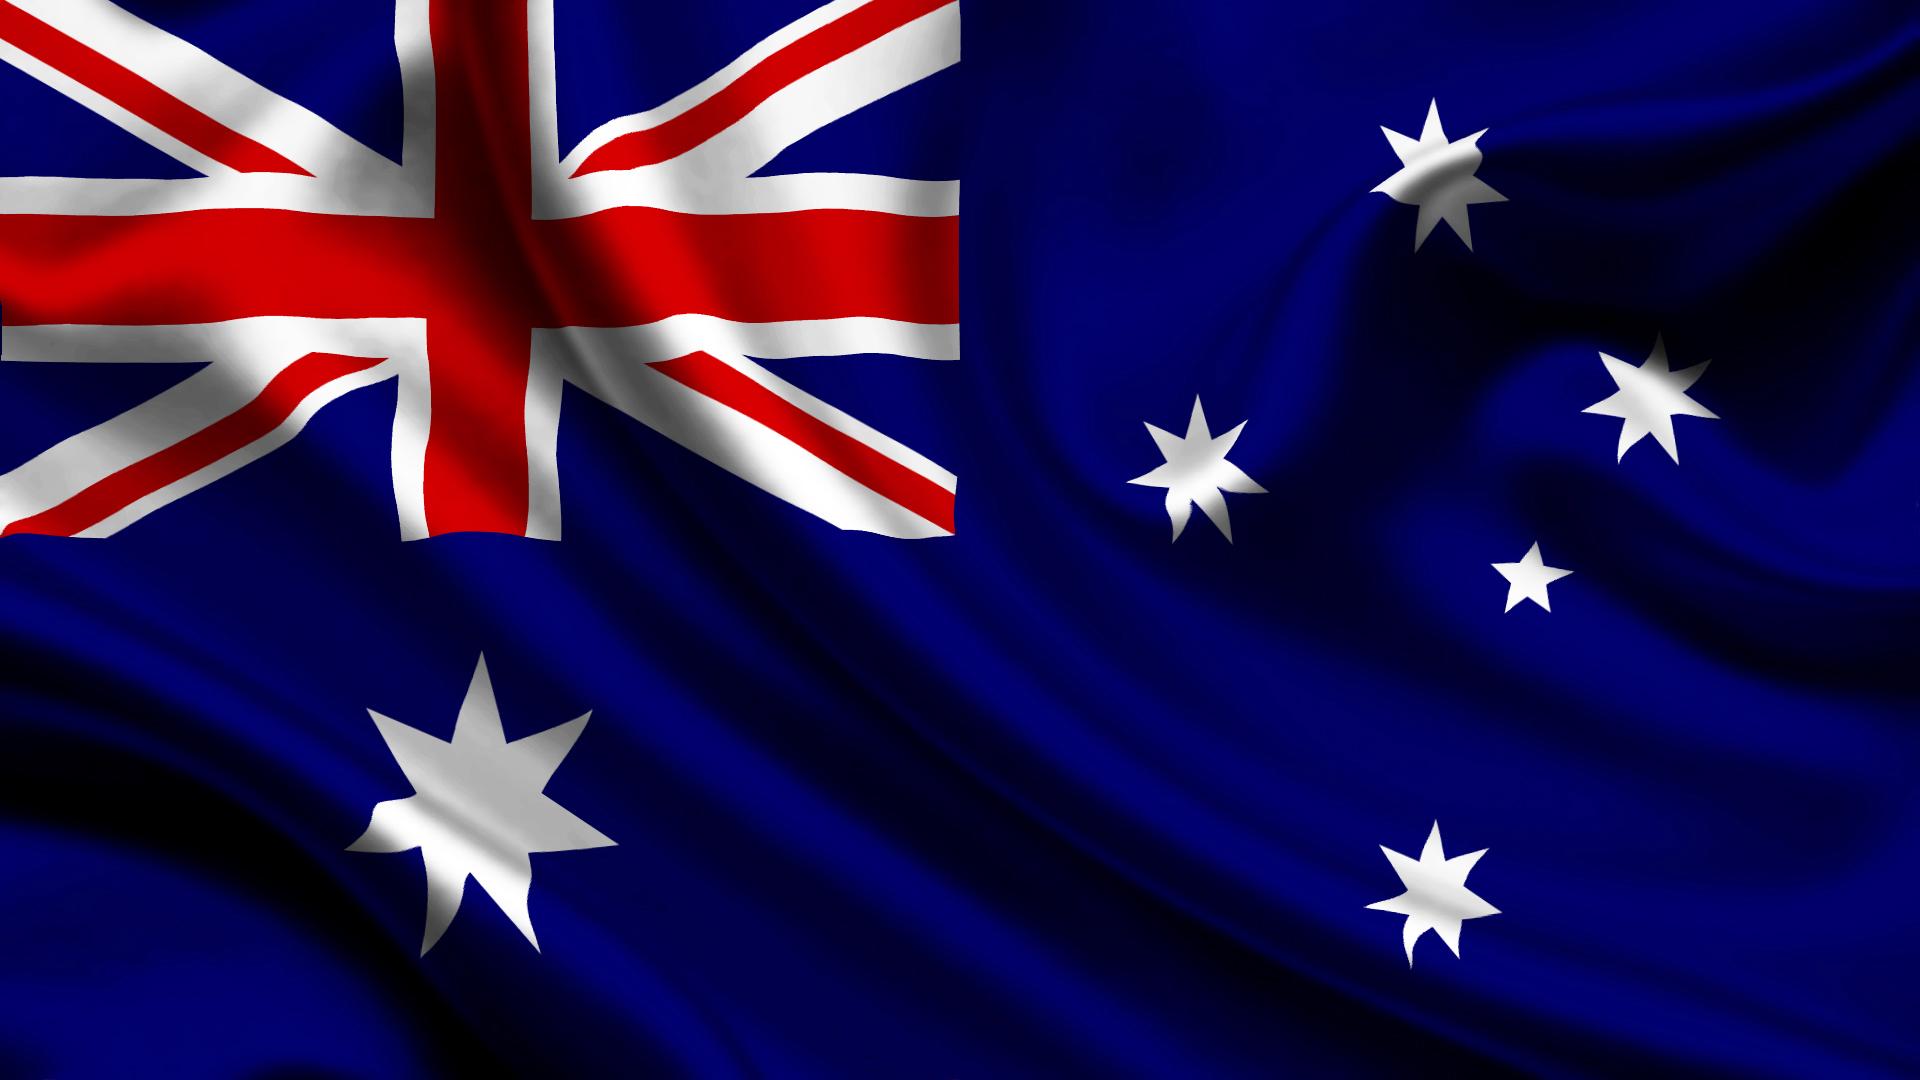 معدلات التضخم الاسترالية تصدر غداً والأسواق في ترقب